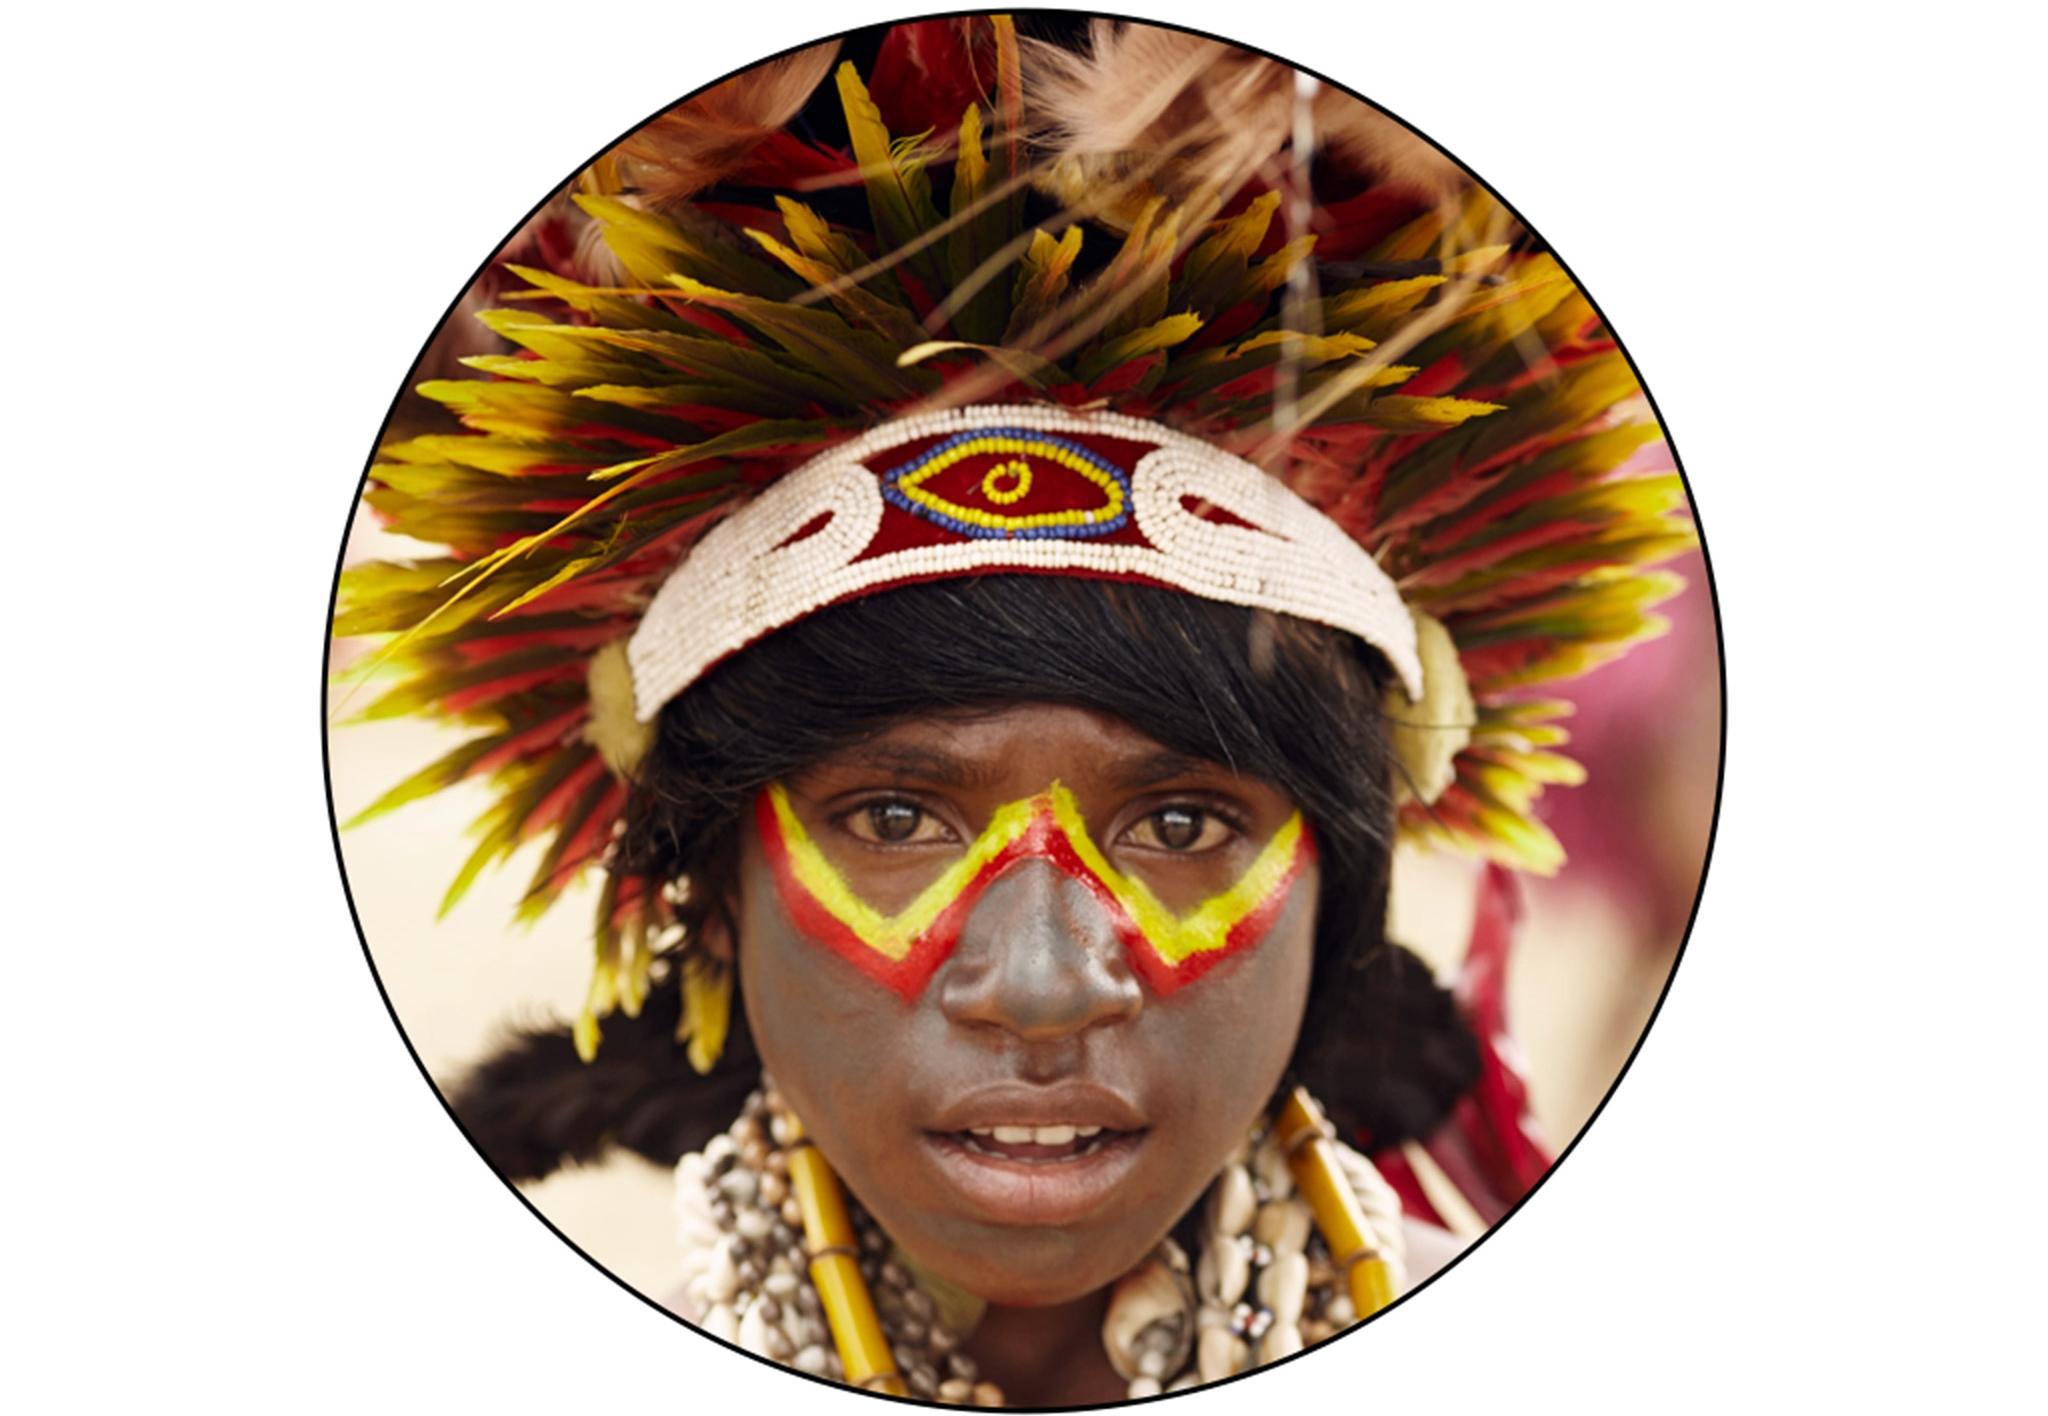 DUMANIGU BOY IN PAPUA NEW GUINEA